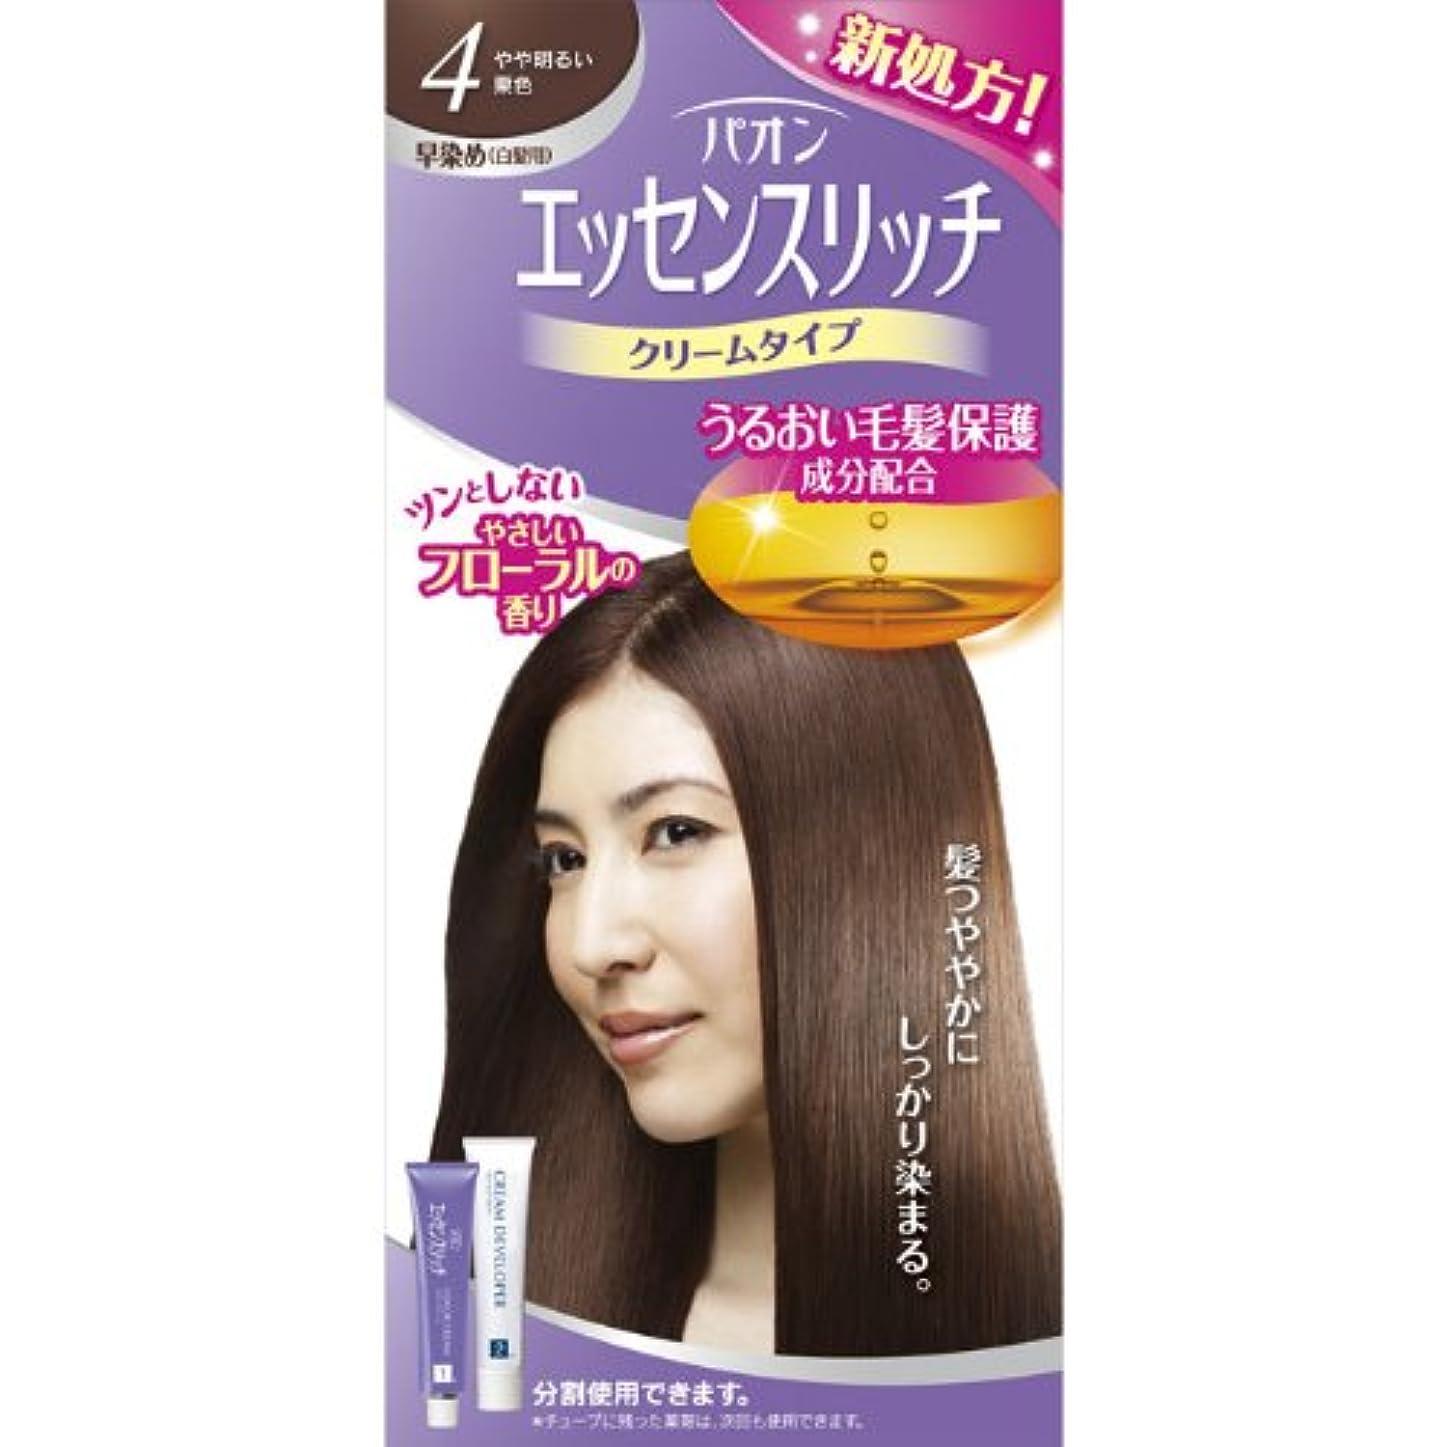 選択する心理的証拠ヘンケルライオンコスメティックス パオン エッセンスリッチ クリームタイプ 4 やや明るい栗色 40g+40g (医薬部外品)